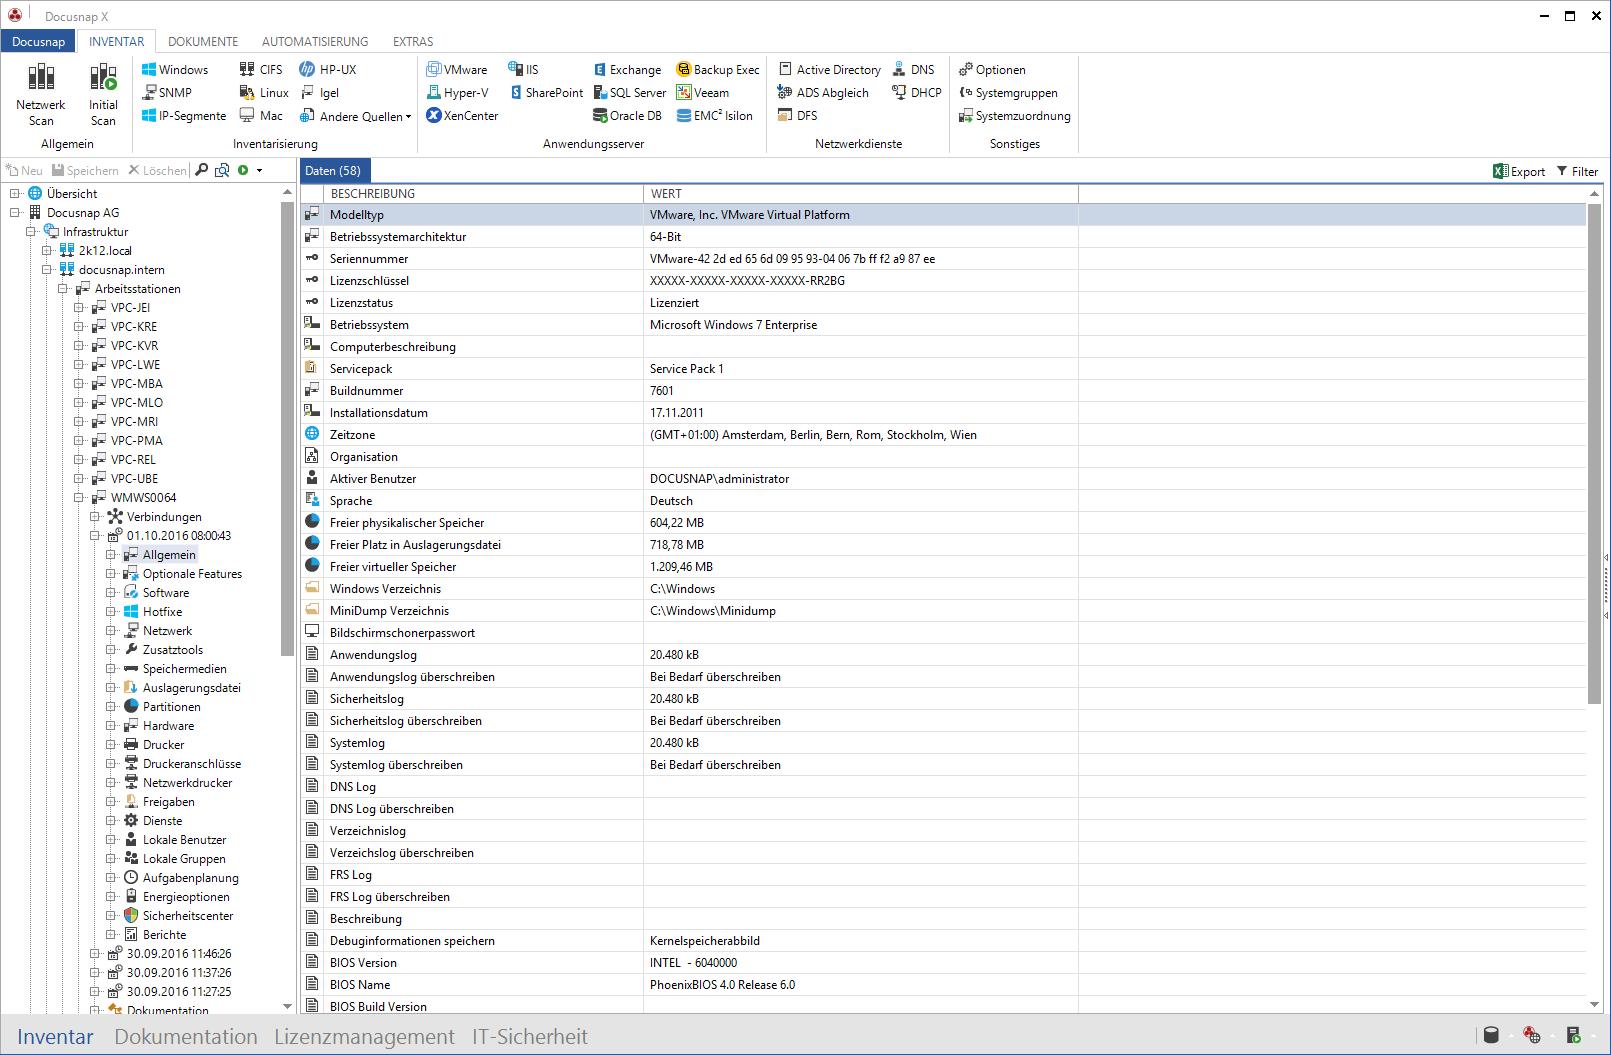 Screenshot: Darstellung Netzwerk-Inventarisierung im Datenexplorer